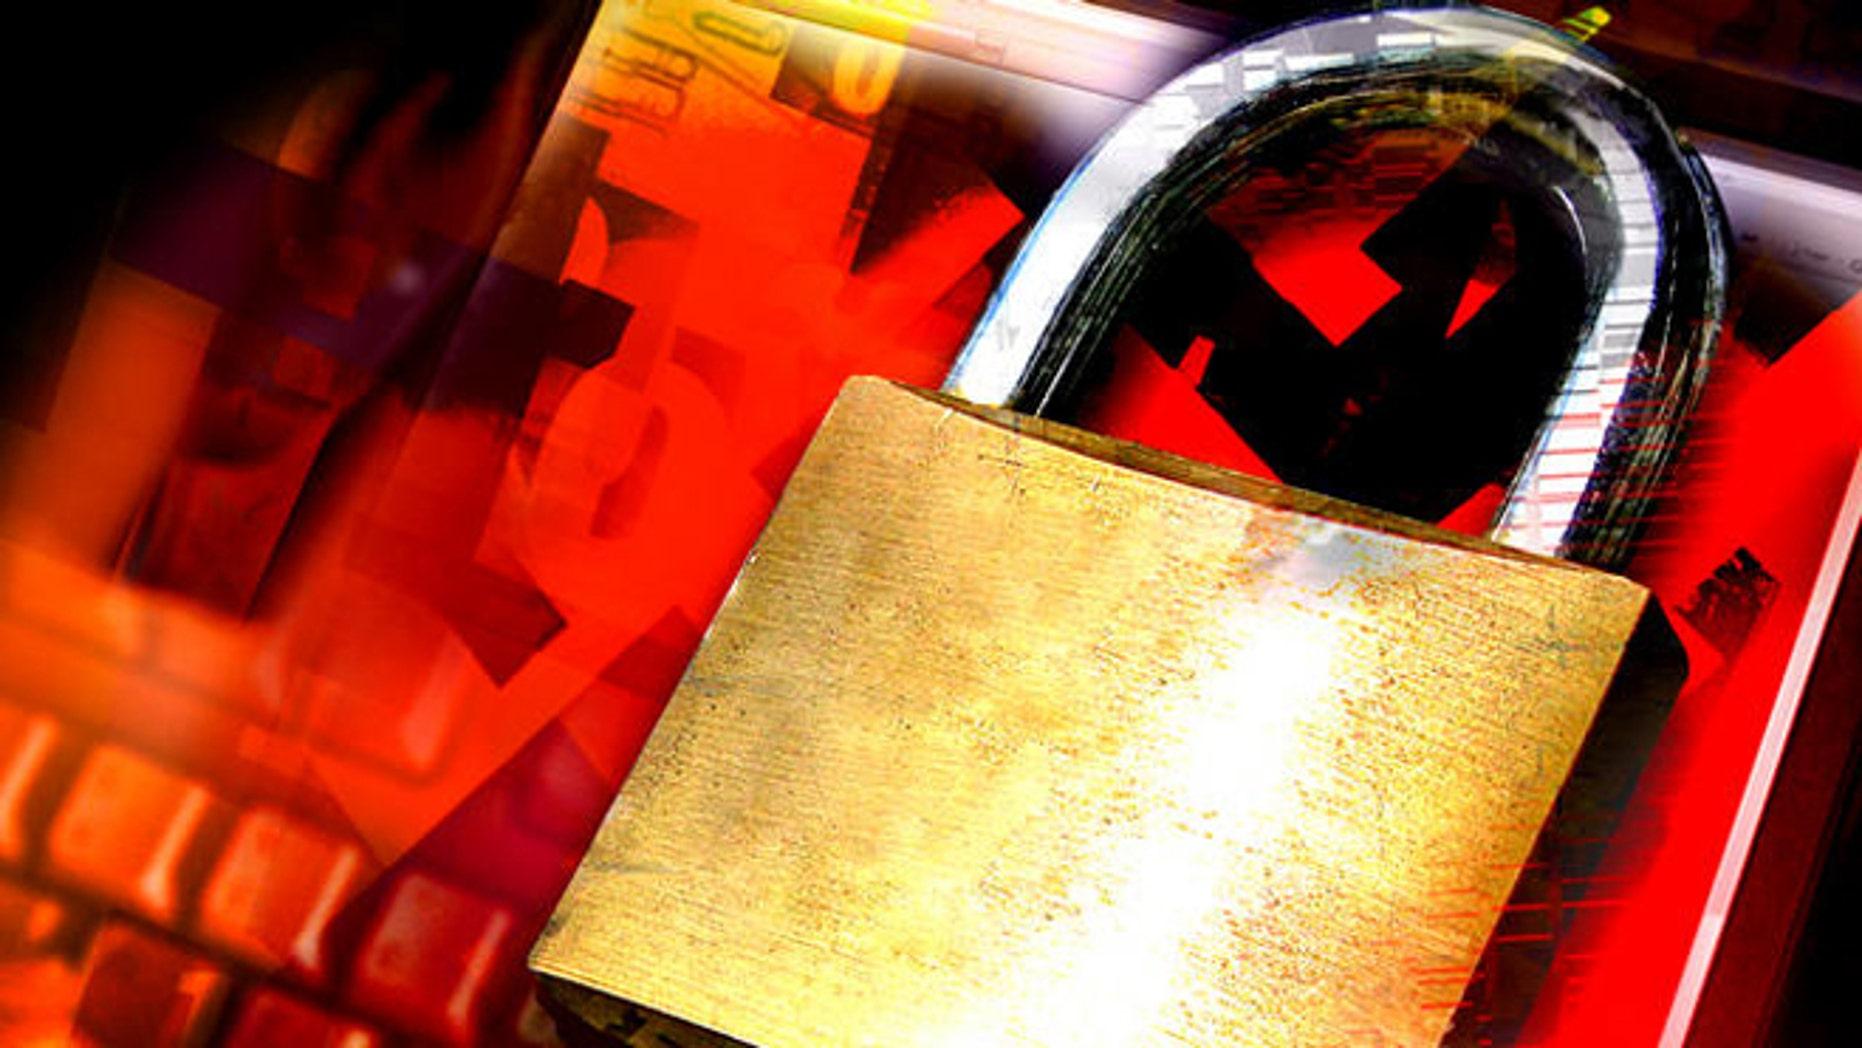 Schloesser mit den Namen von etlichen Liebespaaren sind  am Donnerstag, 23. April 2009, am Gitter der Hohenzollernbruecke in Koeln zu sehen. Seit Silvester 2008 haben Paare hier ihre Liebe manifestiert und aller Welt kundgetan, indem sie ein Schloss mit ihren Namen an der Bruecke befestigt haben.  Bei dem Schloesser-Trend handelt es sich um einen Brauch aus Italien. In Rom befindet sich eine alte Bruecke, die Milvische Bruecke, die ueber den Tiber fuehrt. Diese Bruecke ist ein regelrechter Wallfahrtsort fuer verliebte Paare. Dort werden Schloesser, auf denen die Namen des Paares eingraviert sind, an der Bruecke fest gekettet und der Schluessel wird in den Tiber geworfen. Dieser Brauch soll die Haltbarkeit der Liebe untersuetzen. (AP Photo/Roberto Pfeil) --Padlocks with the engraved names of lovers are fixed to the fence at the Hohenzollern Bridge in Cologne, western Germany, Thursday, April 23, 2009. In an old ritual, padlocks with lovers names on it are fixed at the Milvian bridge in Roma, Italy, and the keys are thrown into the Tiber river to symbolize endless love. (AP Photo/Roberto Pfeil)